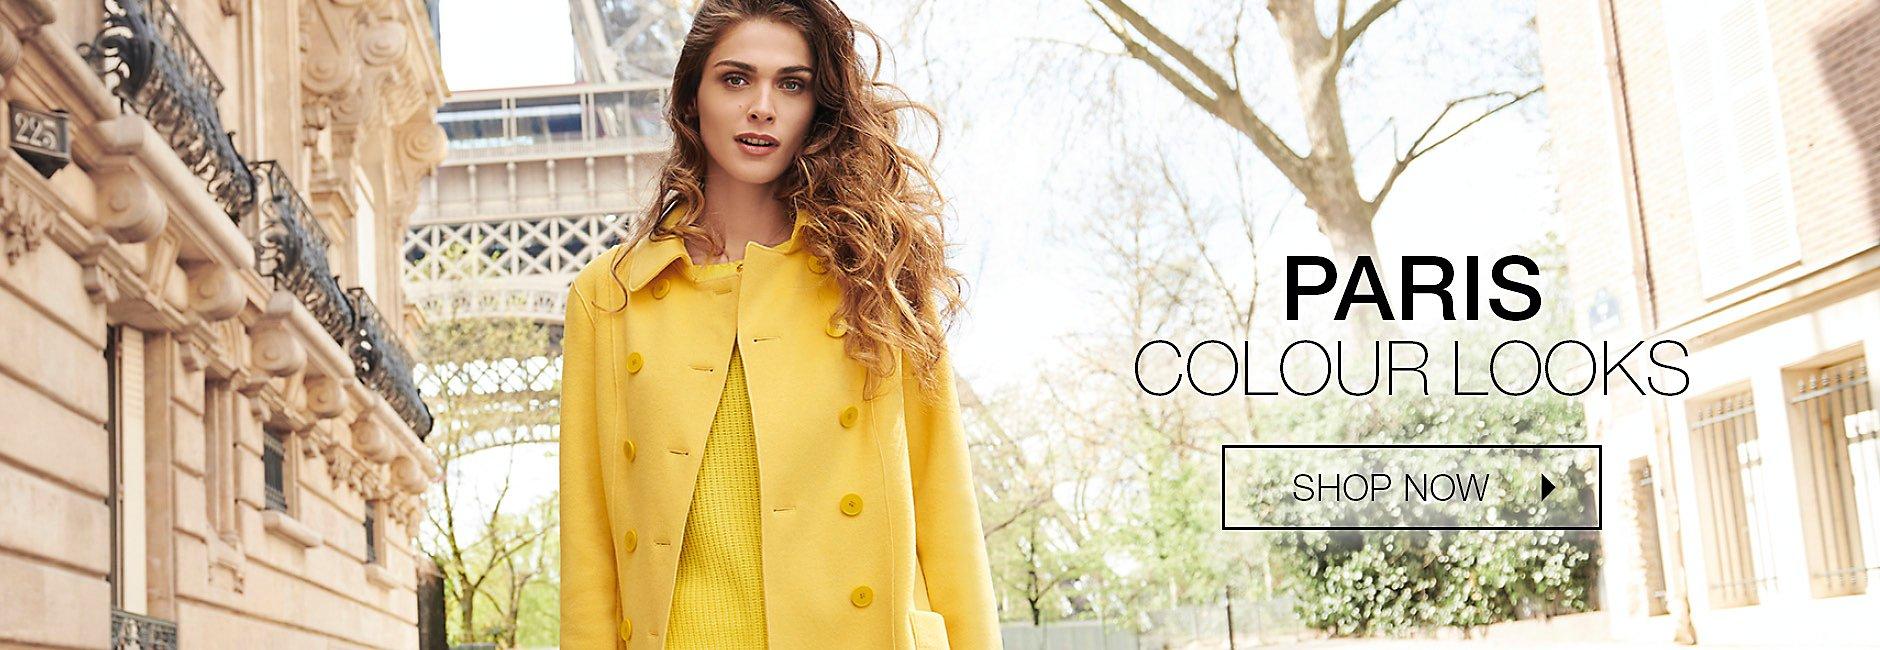 Entdecken Sie farbenfrohe Looks wie sie die Parisienne trägt.